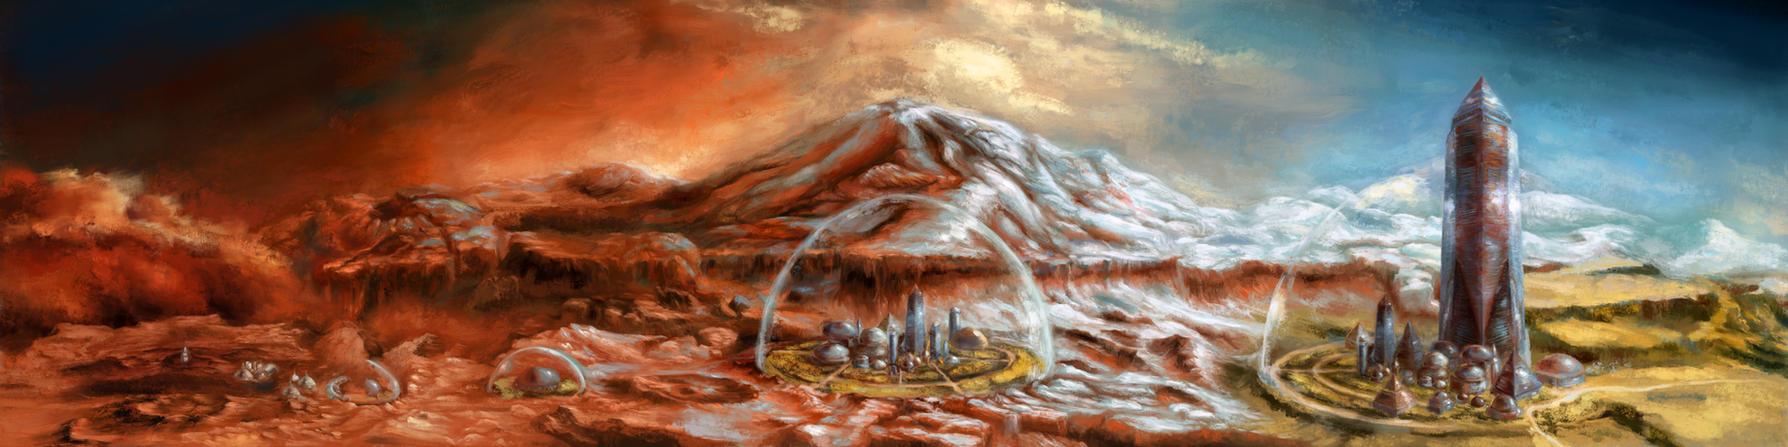 Terraforming of Mars by ValentiniaK